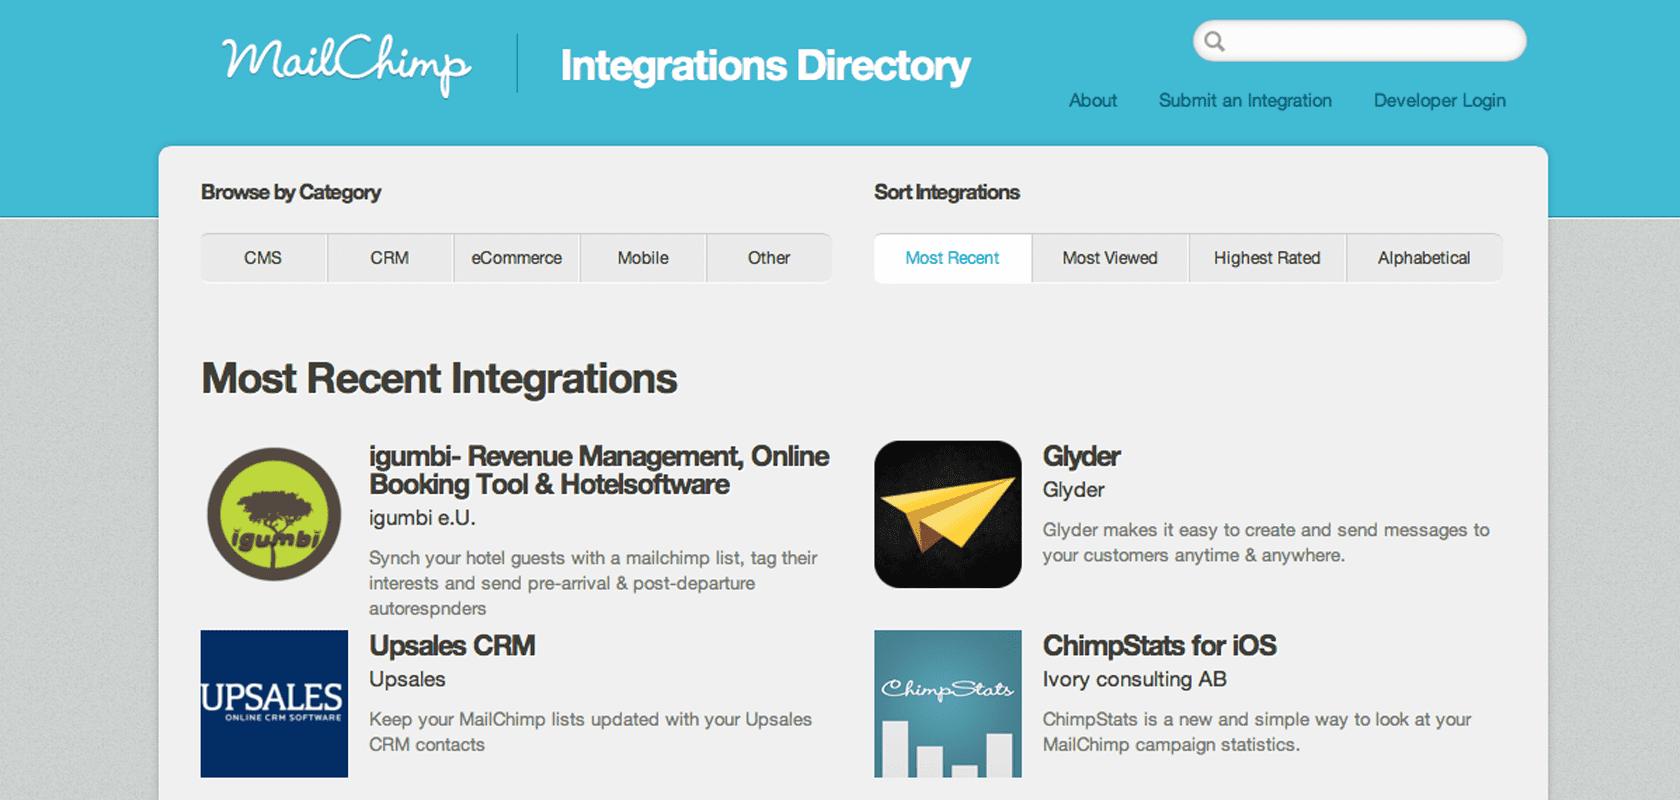 Neuester Zugang im Mailchimp integration directory igumbi Hotelsoftware - Gästedaten mit Interessens-Tags in die Mailchimp Liste übertragen